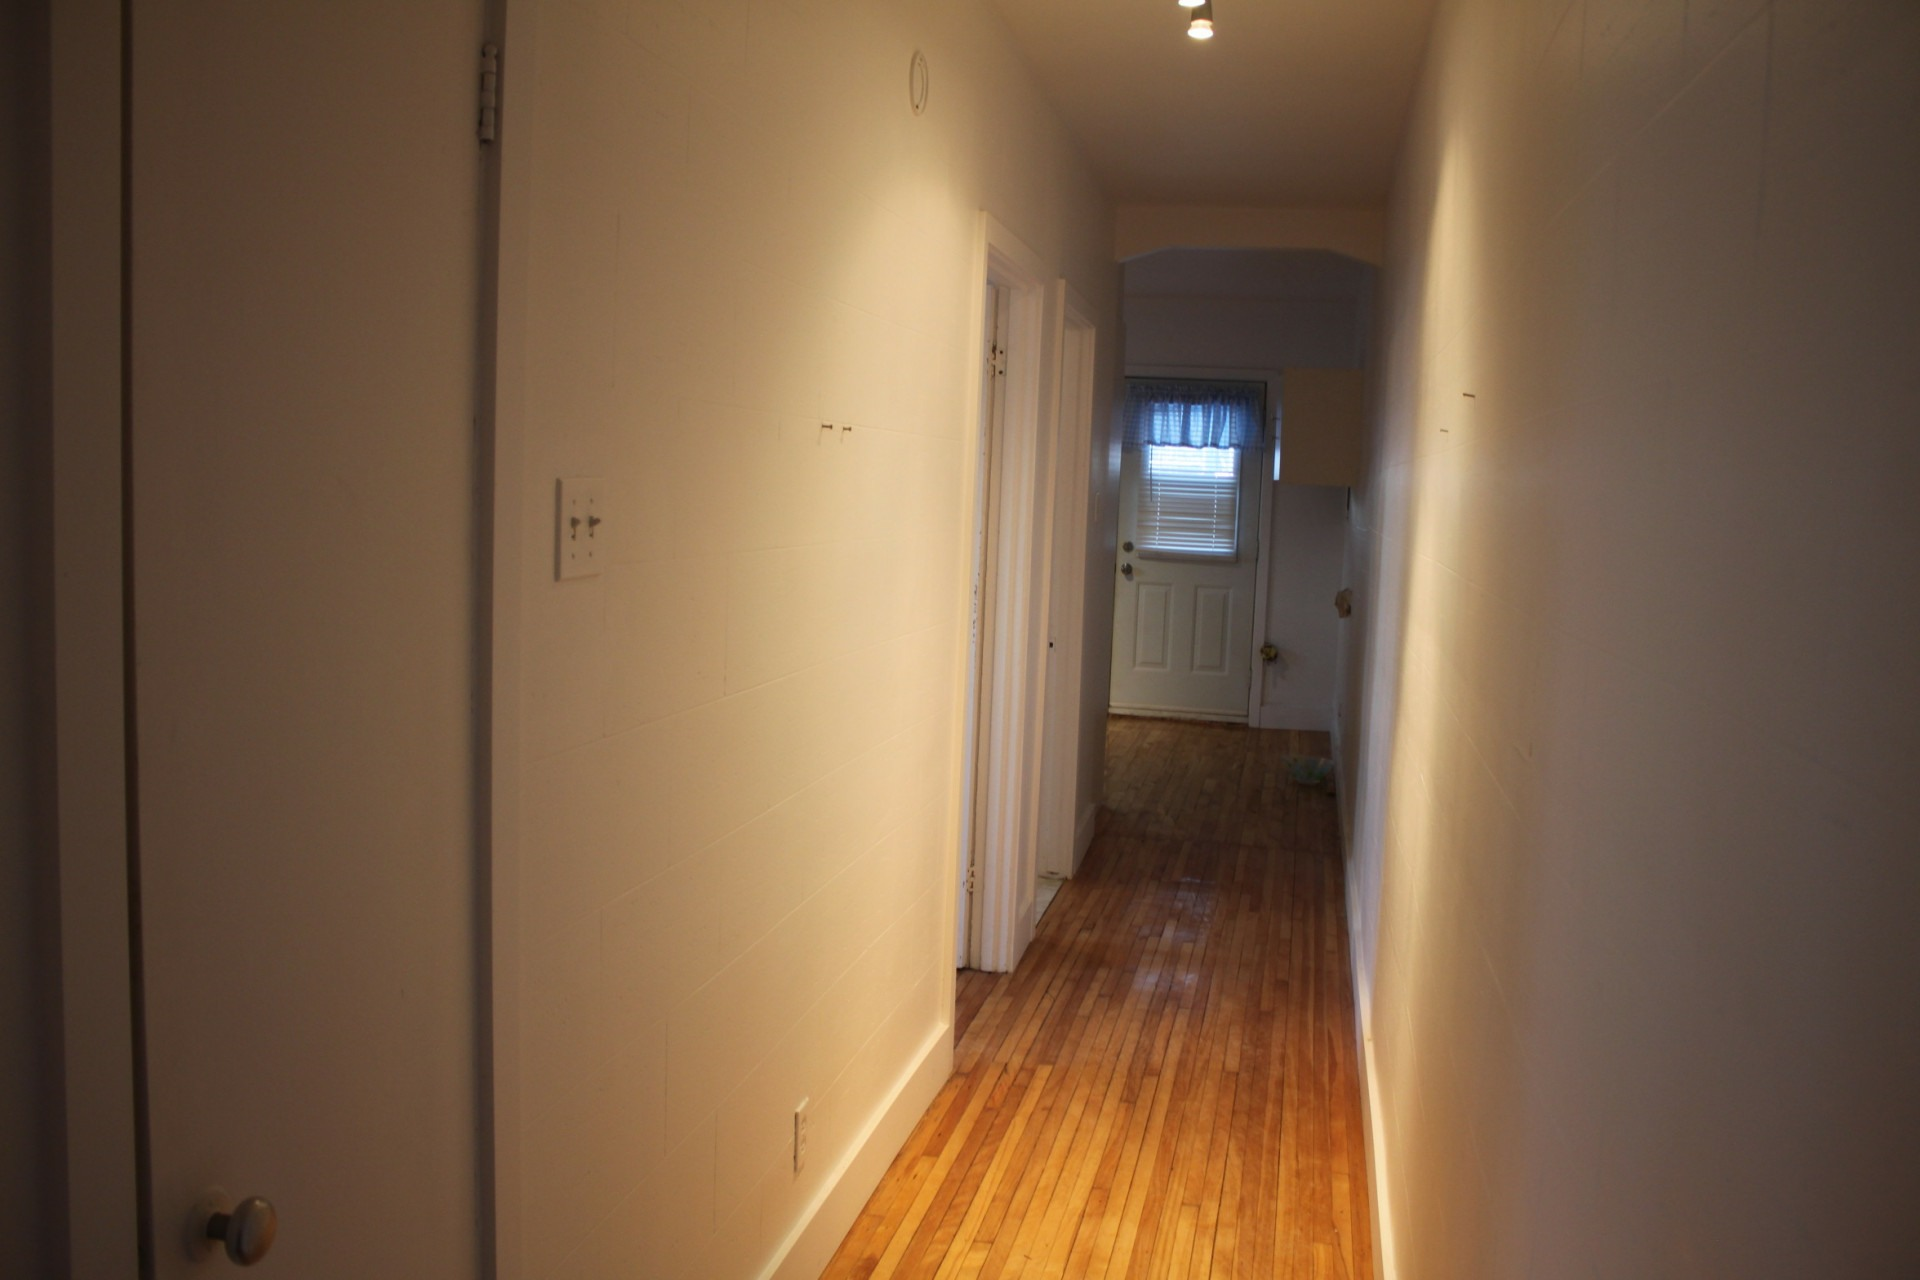 image 4 - Appartement À louer Montréal Mercier - 3 pièces